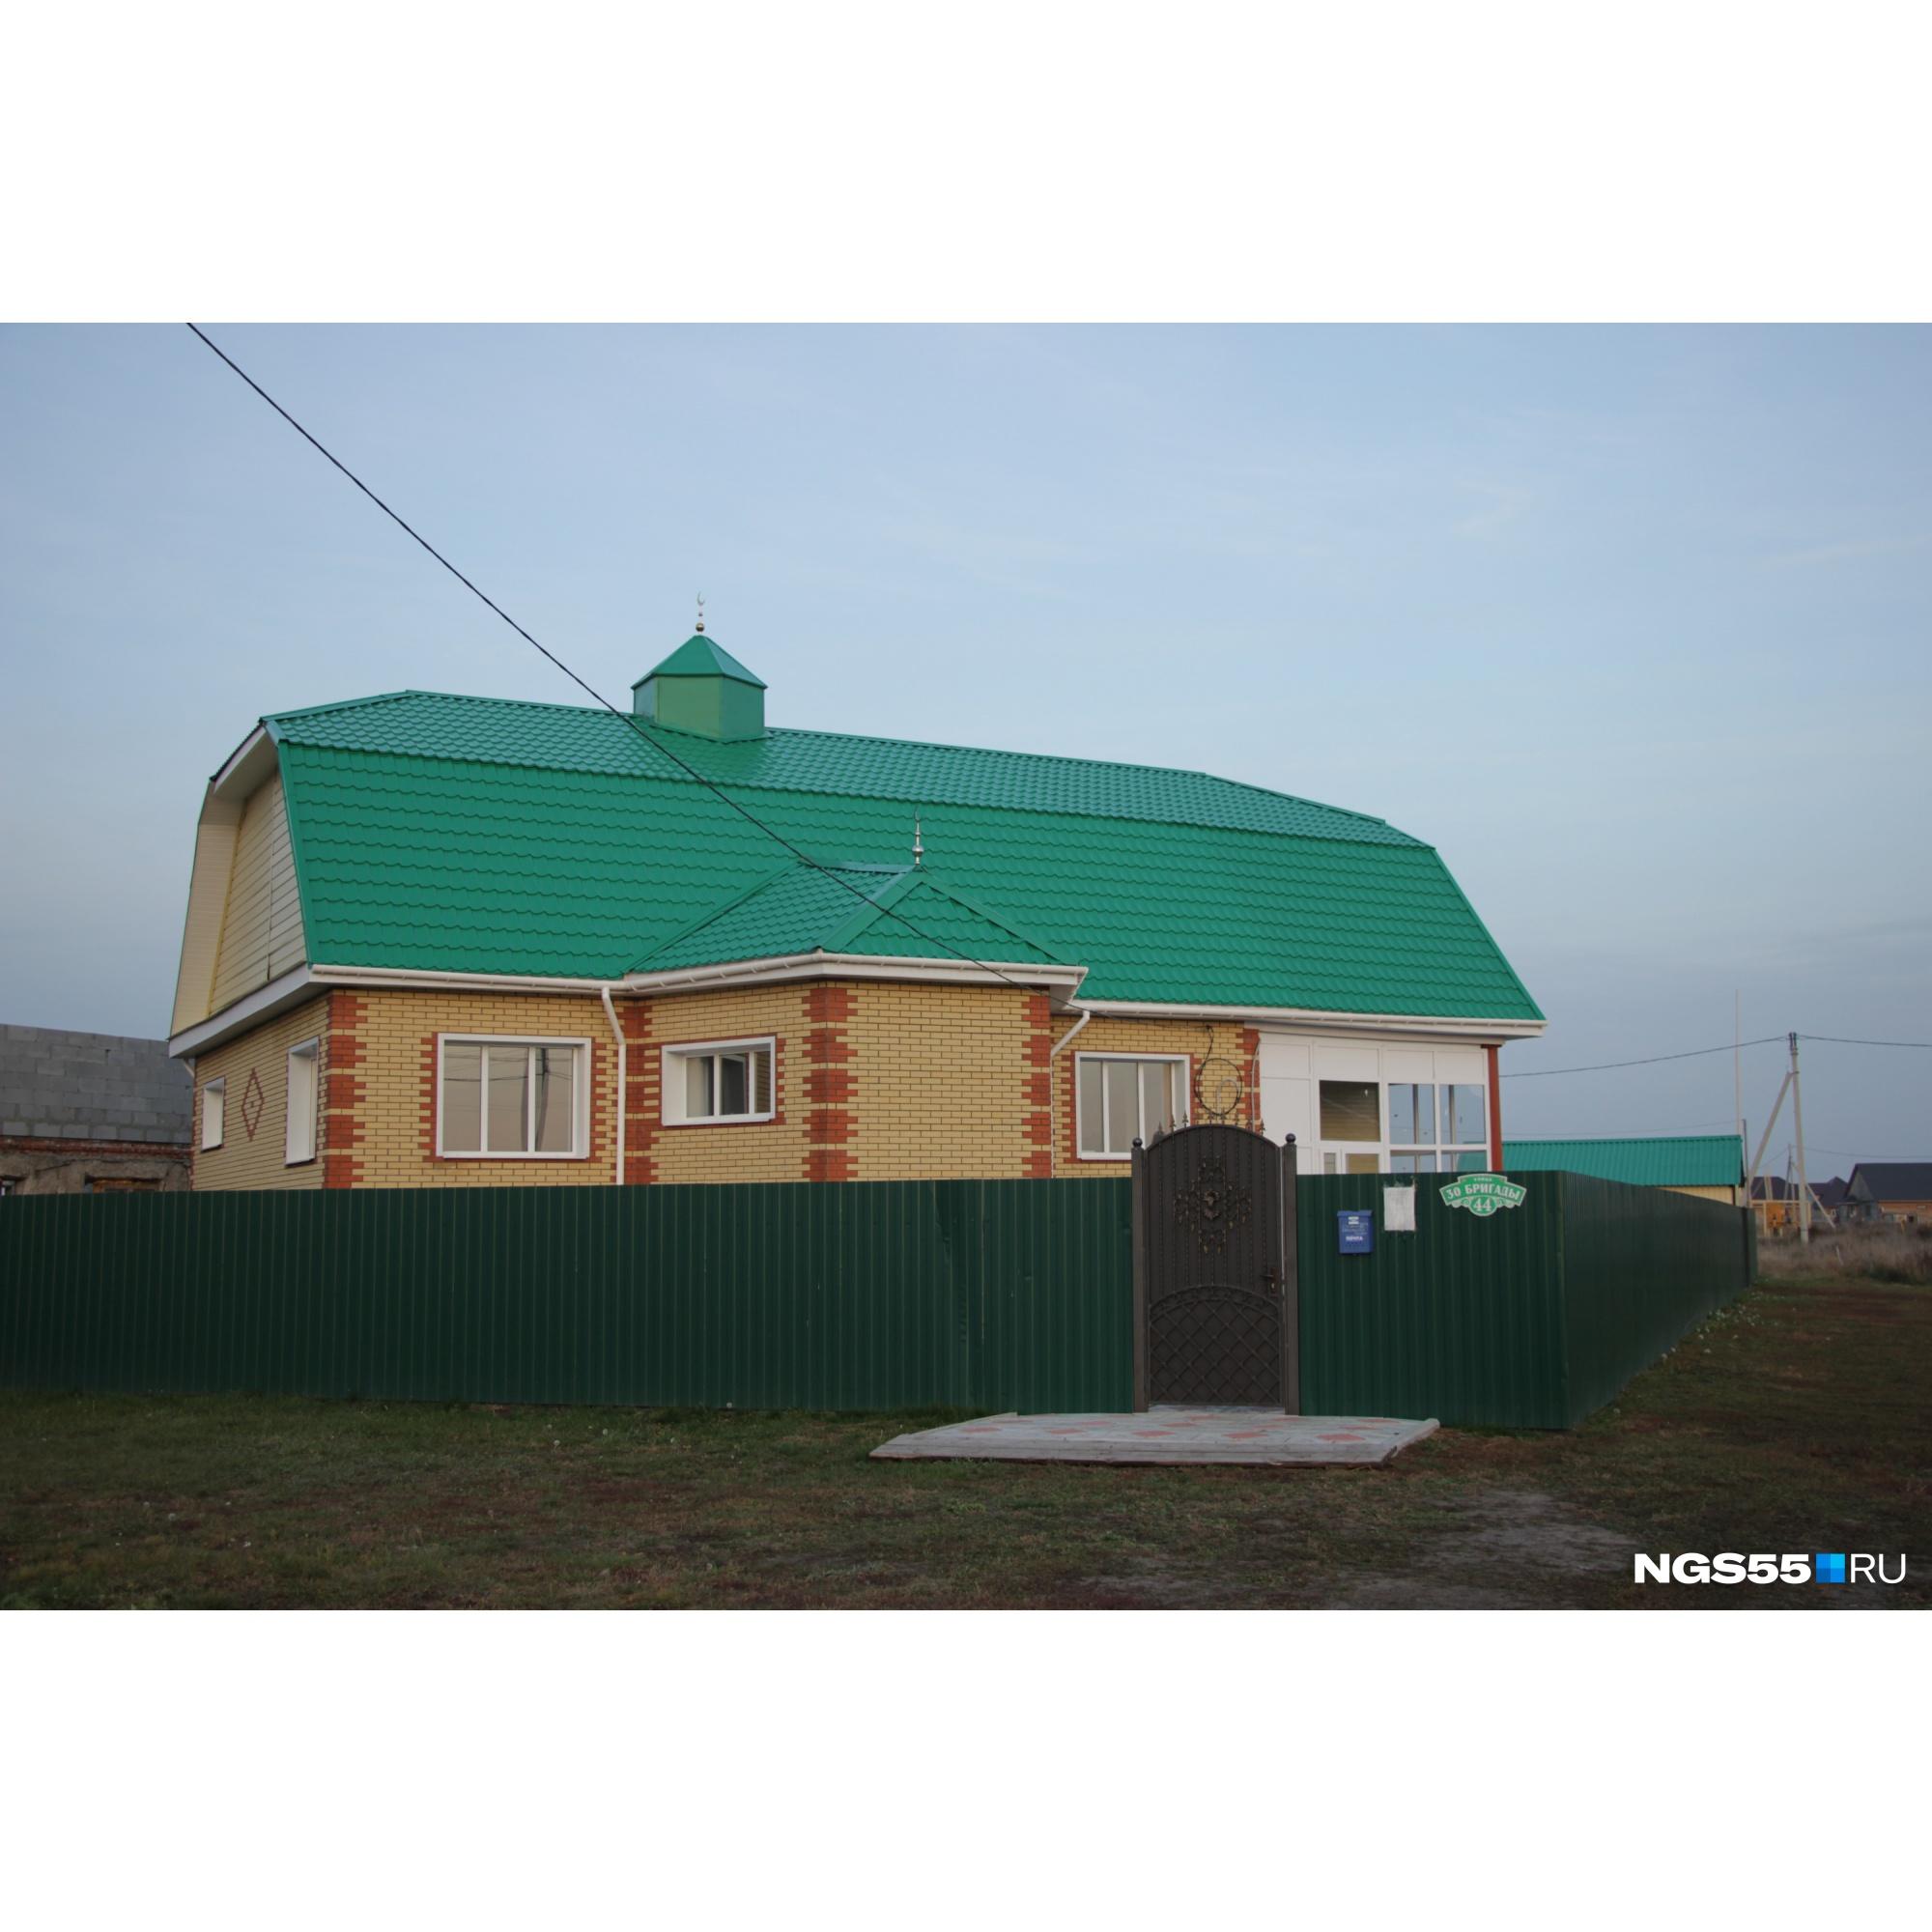 Мечеть появилась не так давно